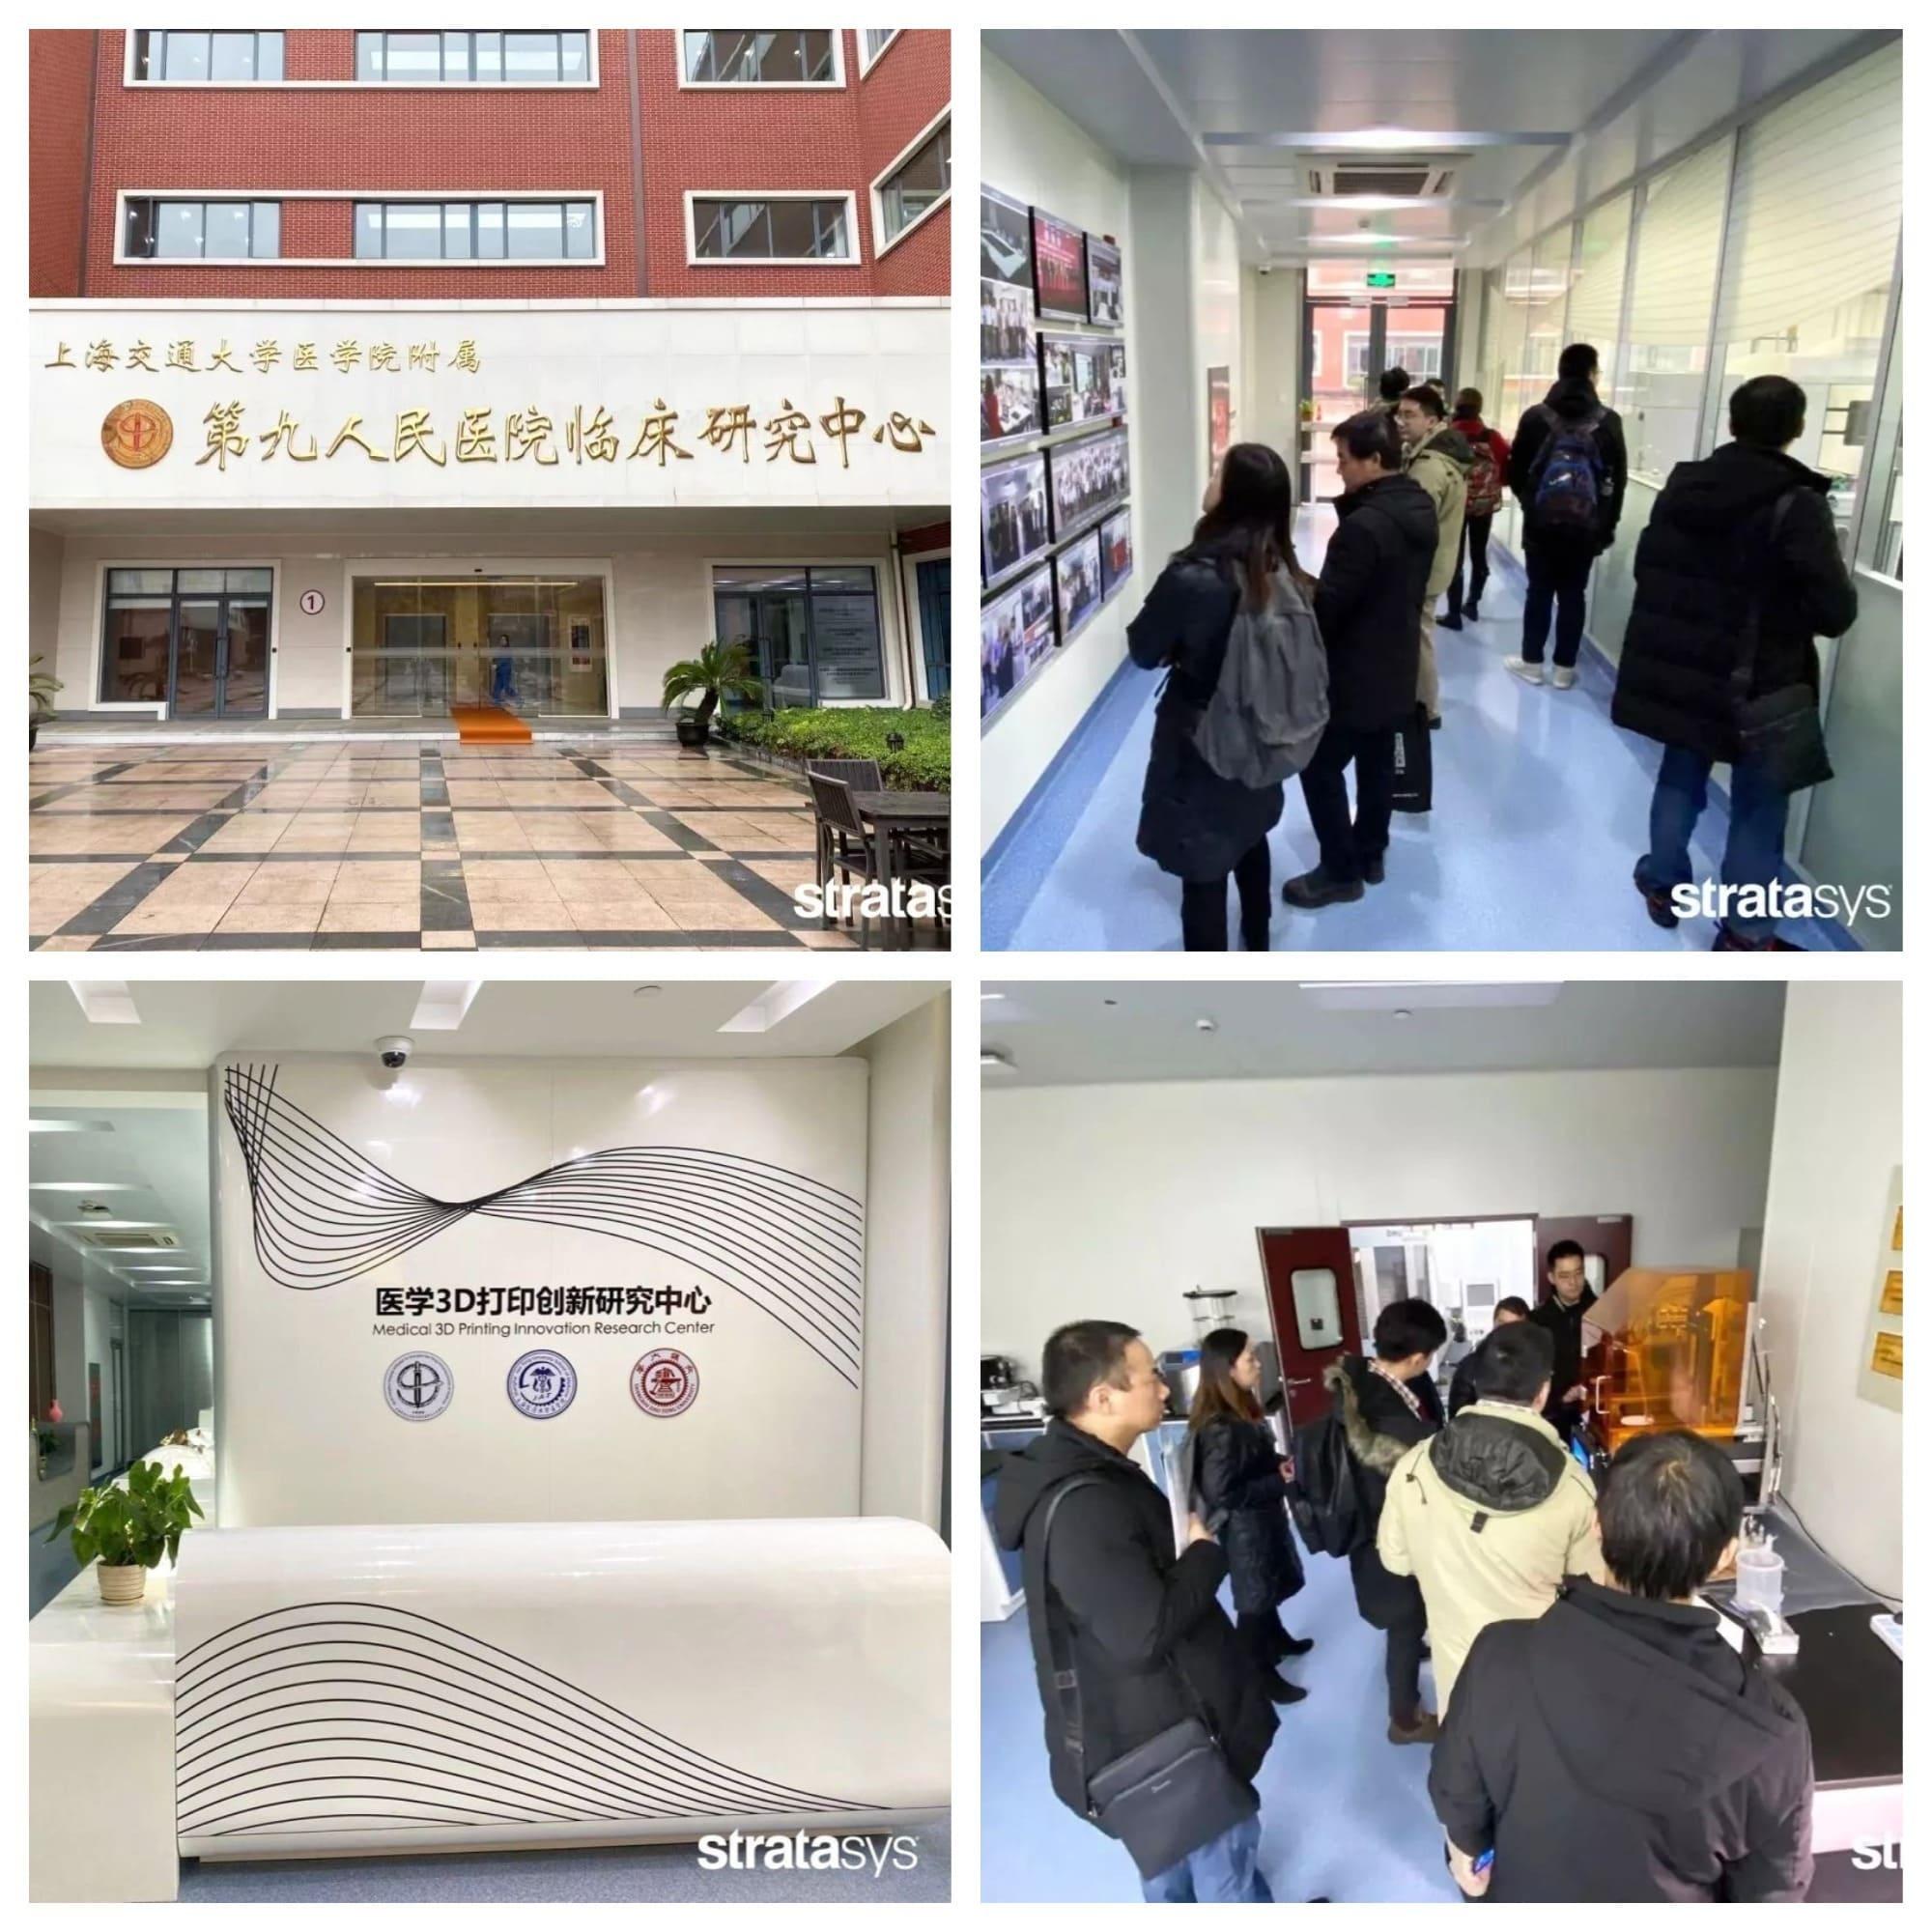 上海交通大学九院3D打印医学创新中心